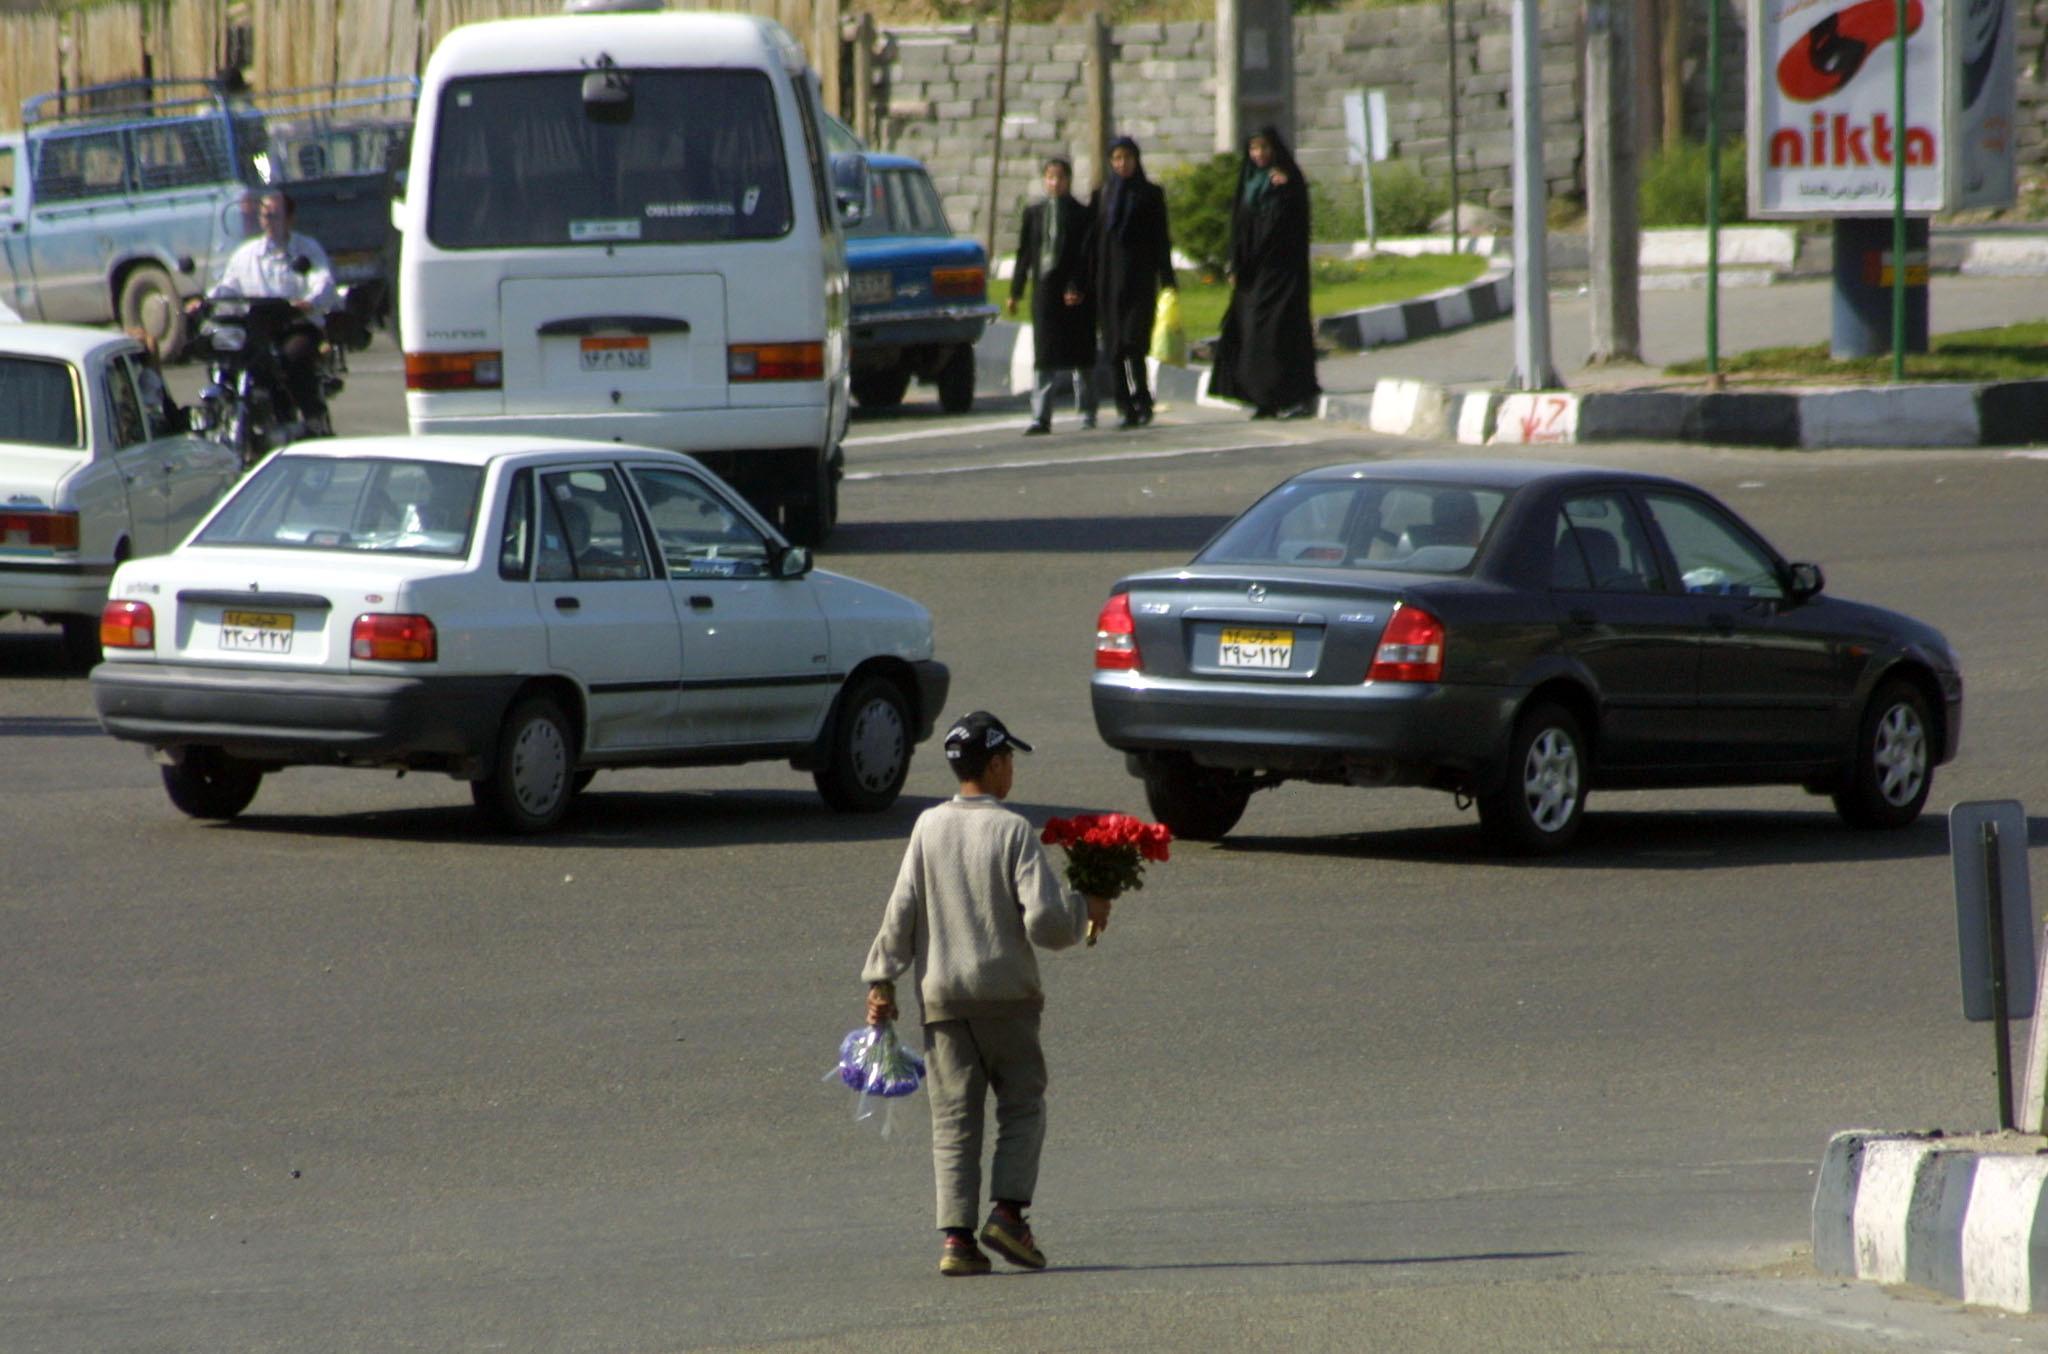 أكثر من 70% من أباء أطفال الشوارع أميون